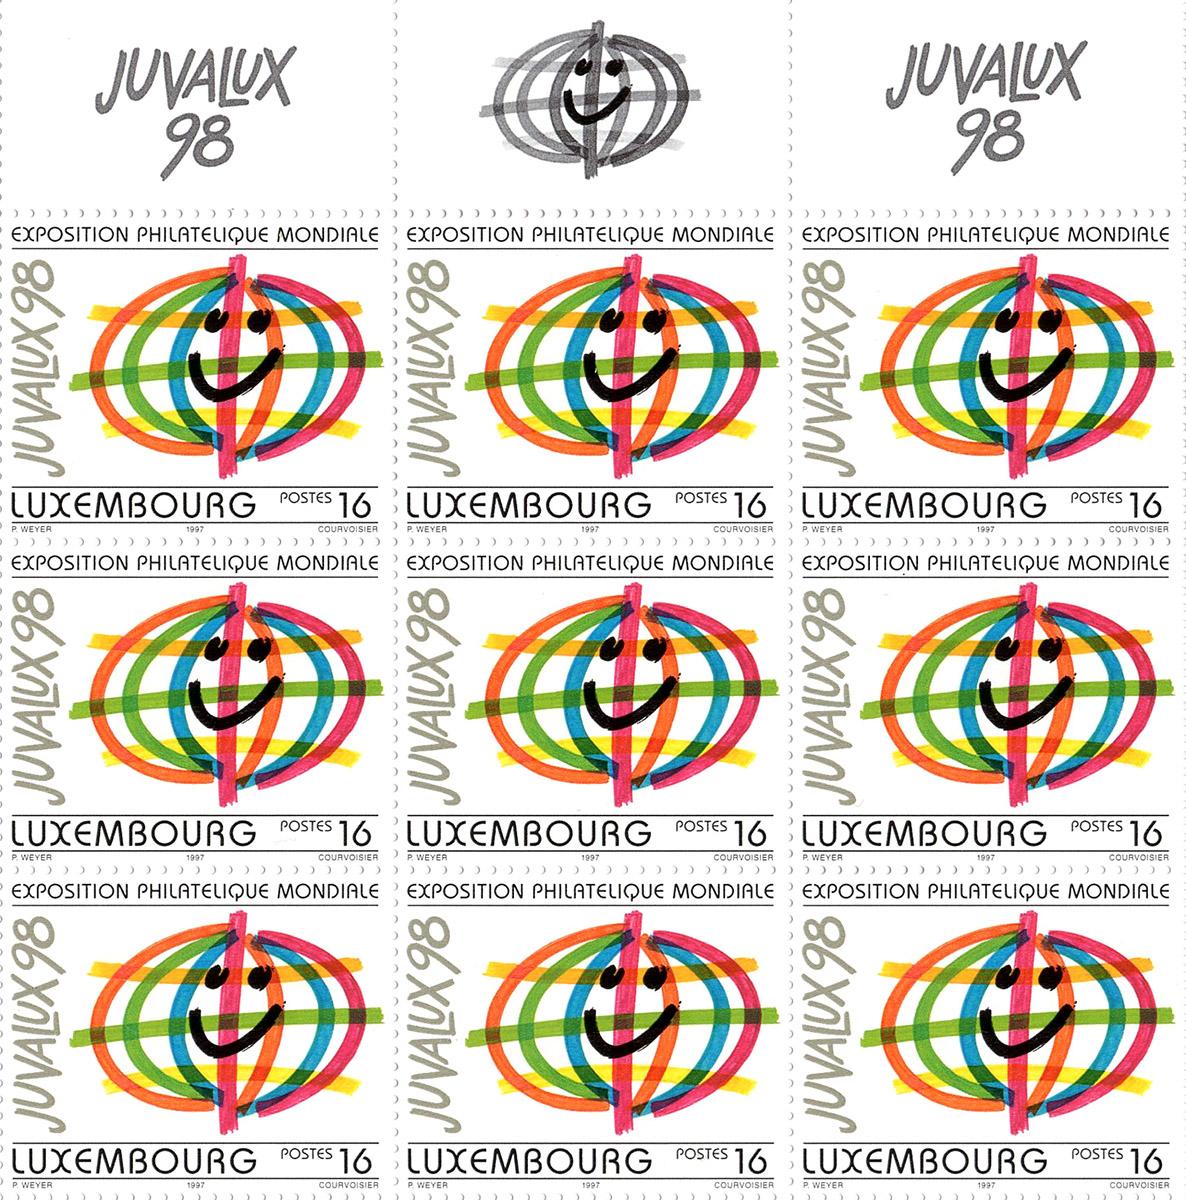 Timbre JUVALUX 98 Luxembourg 1998 Exposition Philathélique mondiale Pit Weyer